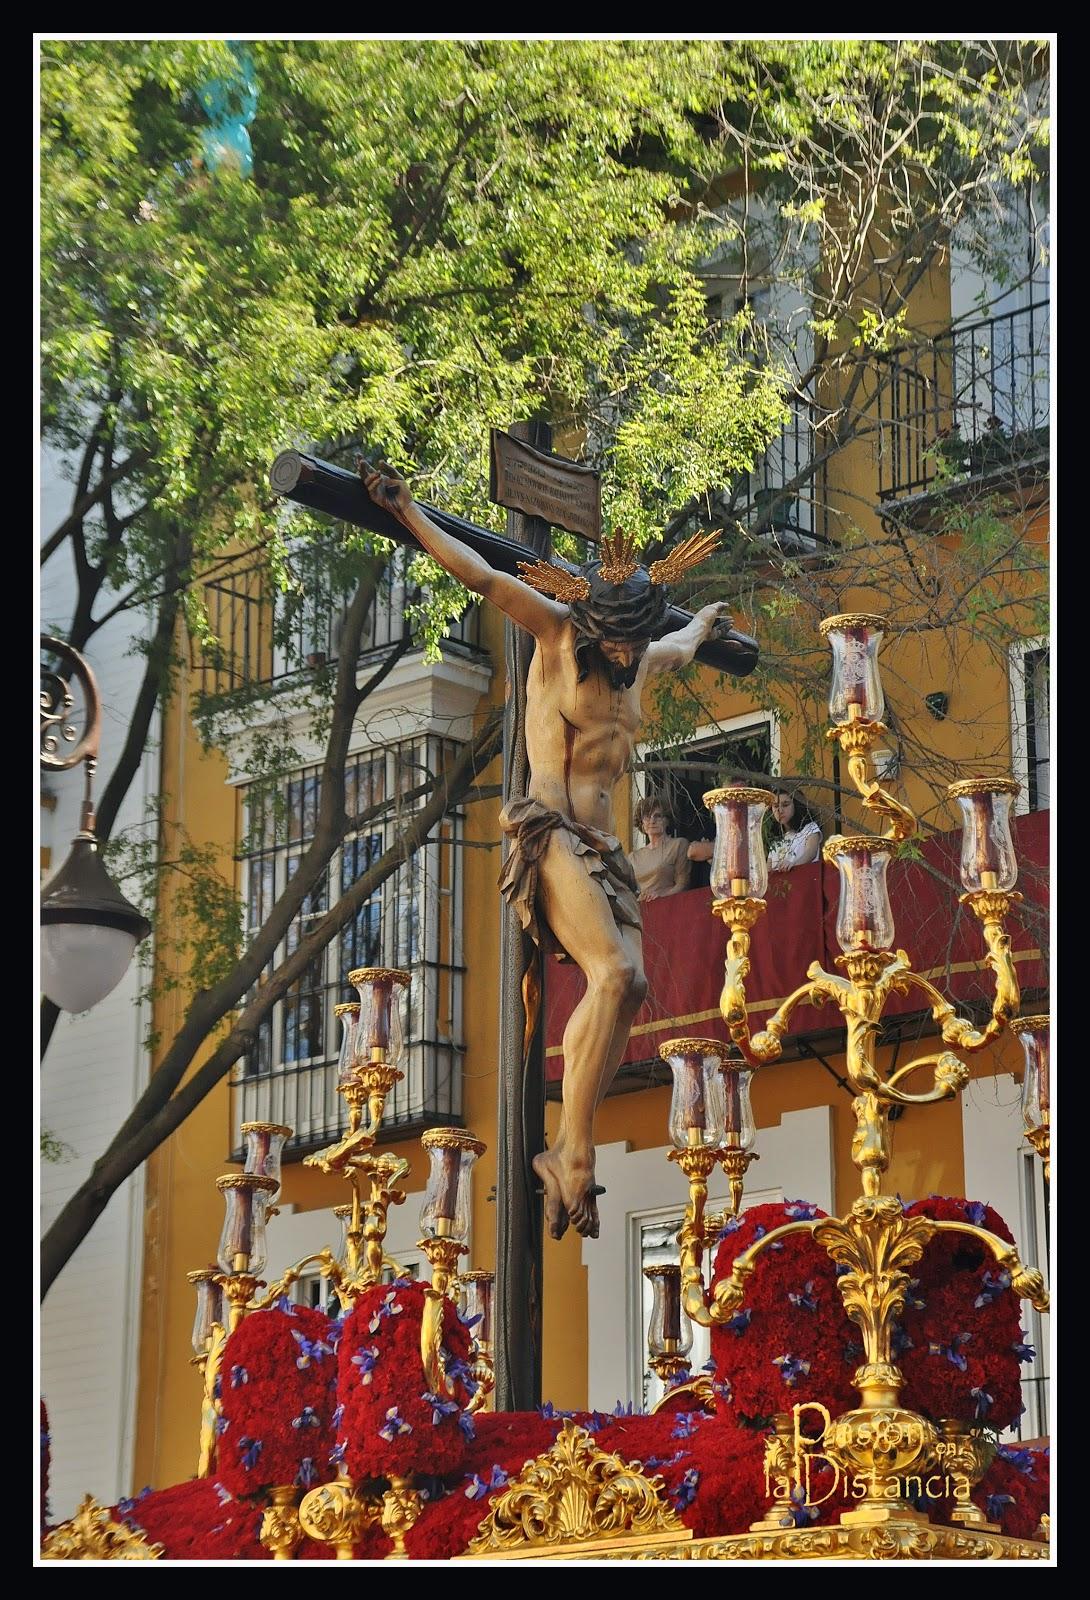 Cristo-de-la-hermandad-torera-San-Bernardo-Semana-Santa-2015